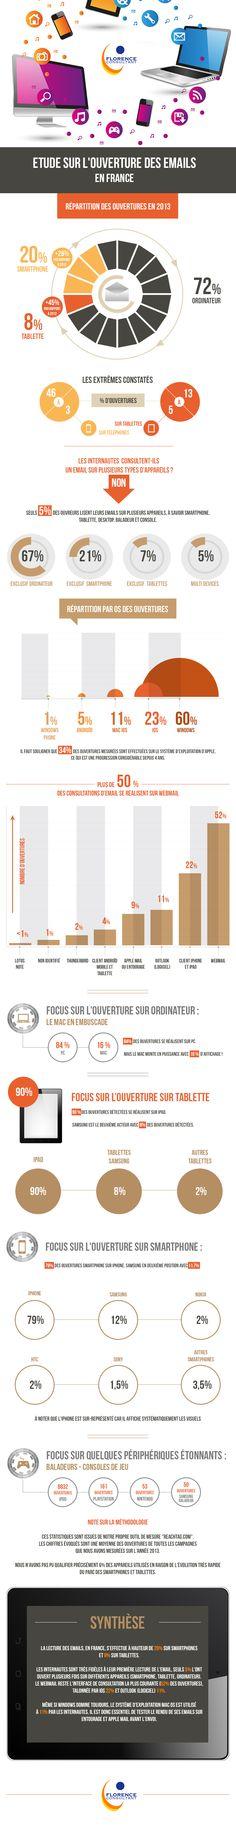 L'ouverture des emails en France Récapitulatif des informations les plus importantes en matière d'emailing